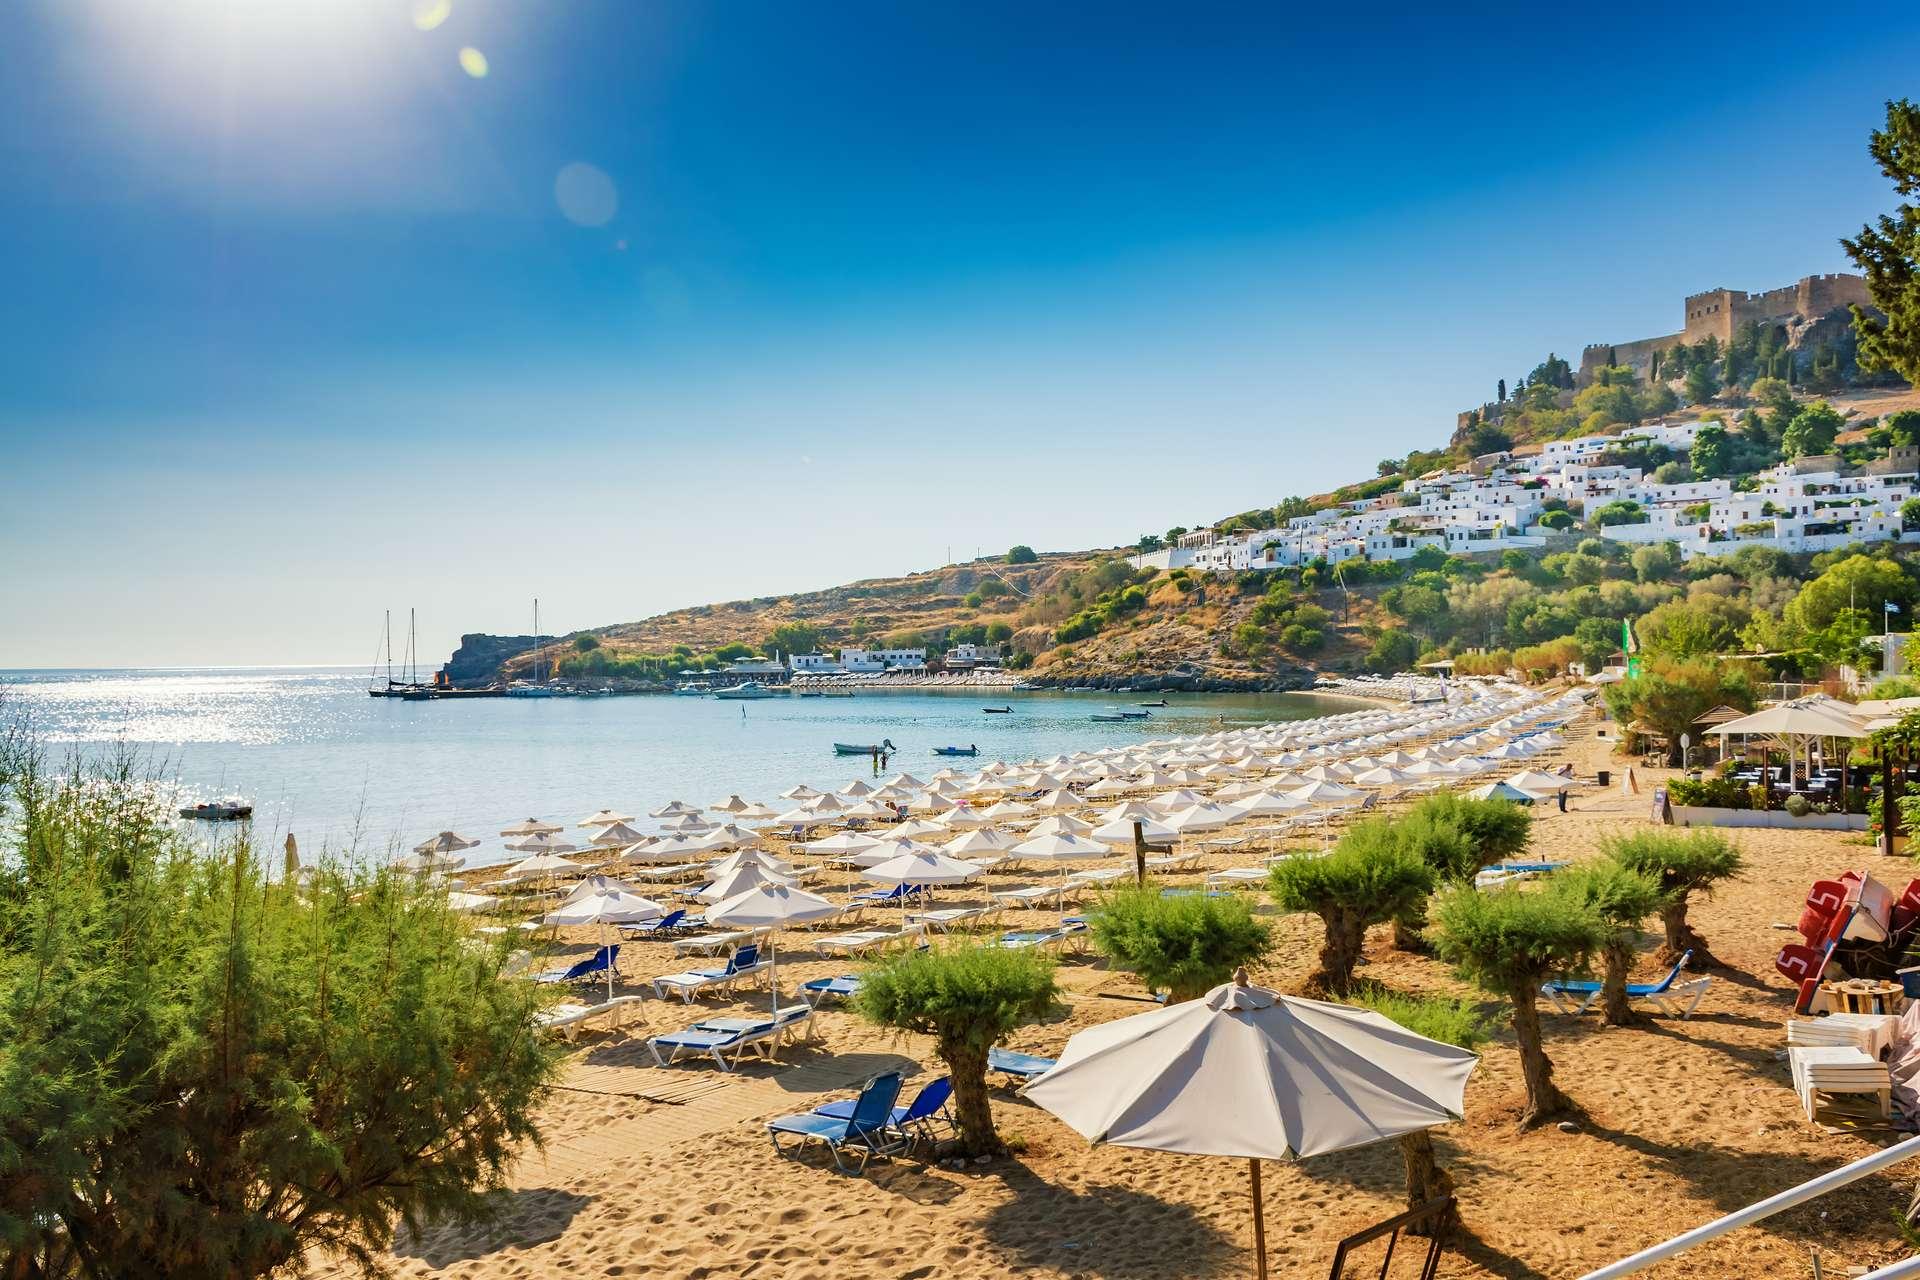 Griekenland Rhodos Acropolis Bay of Lindos